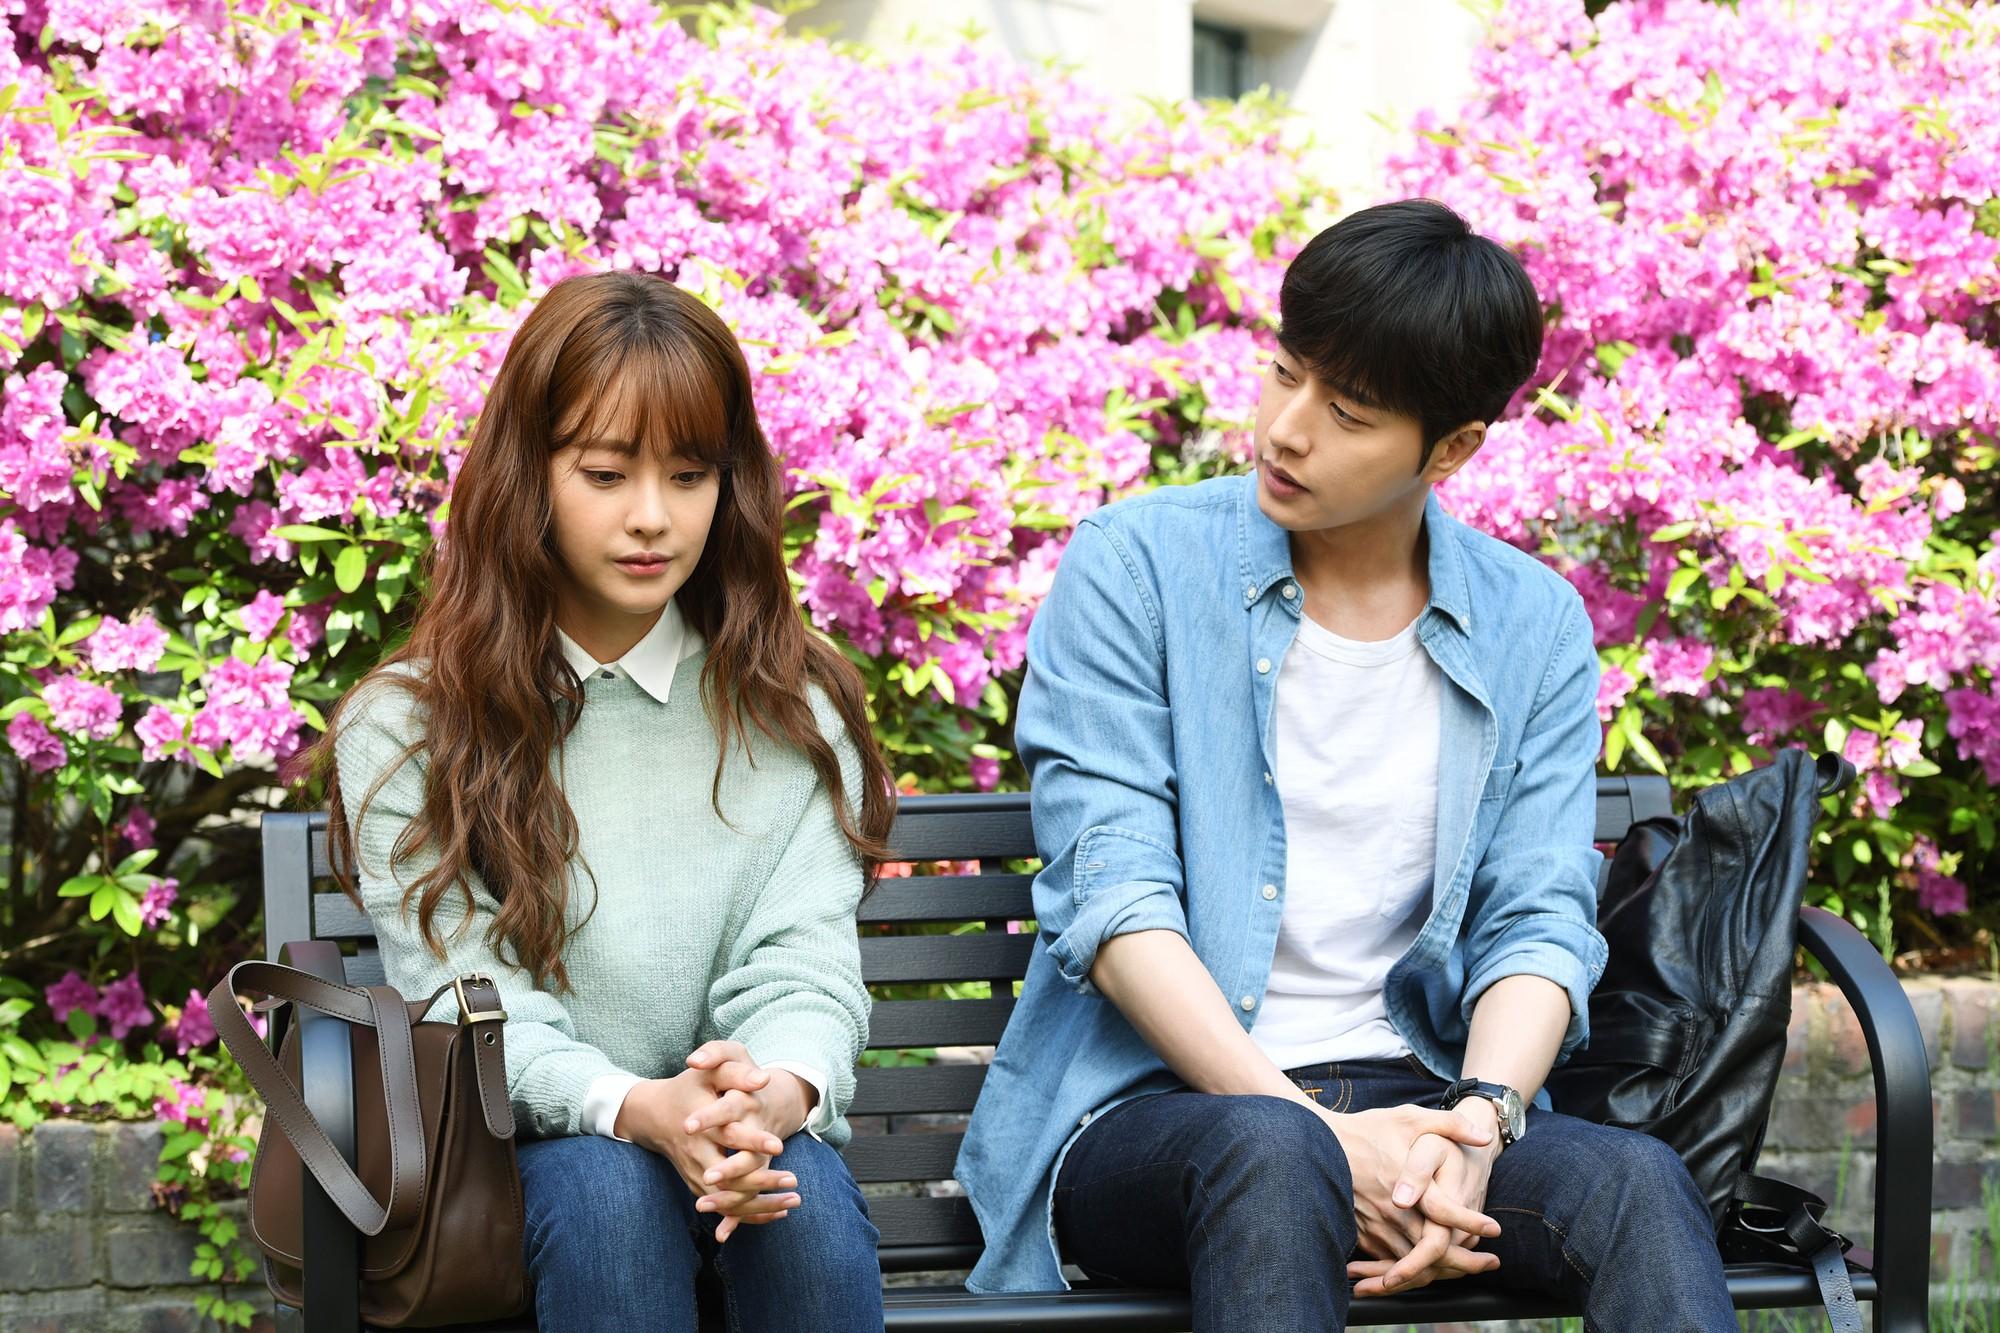 Bản điện ảnh Cheese in the Trap tung trailer đầu tiên: Hong Seol mới cực đẹp đôi với Park Hae Jin! - Ảnh 11.